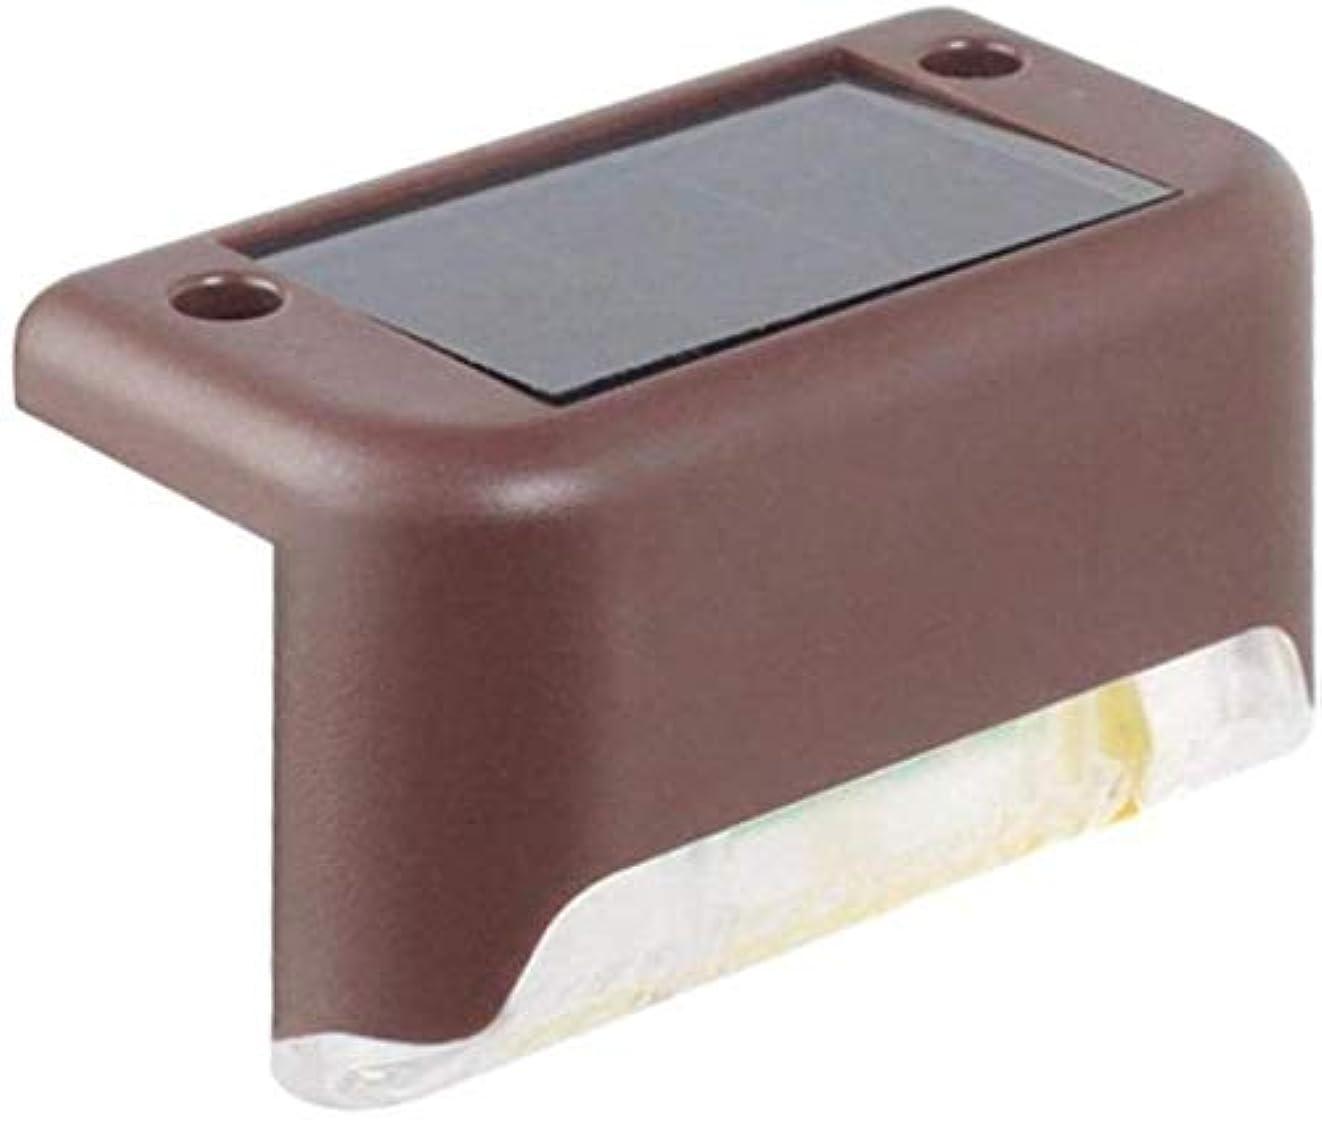 寄り添うバッテリー悲鳴クールリング太陽の細道ライト屋外防水LED街路灯、カラー:ブラック(B) (Color : Brown (A))